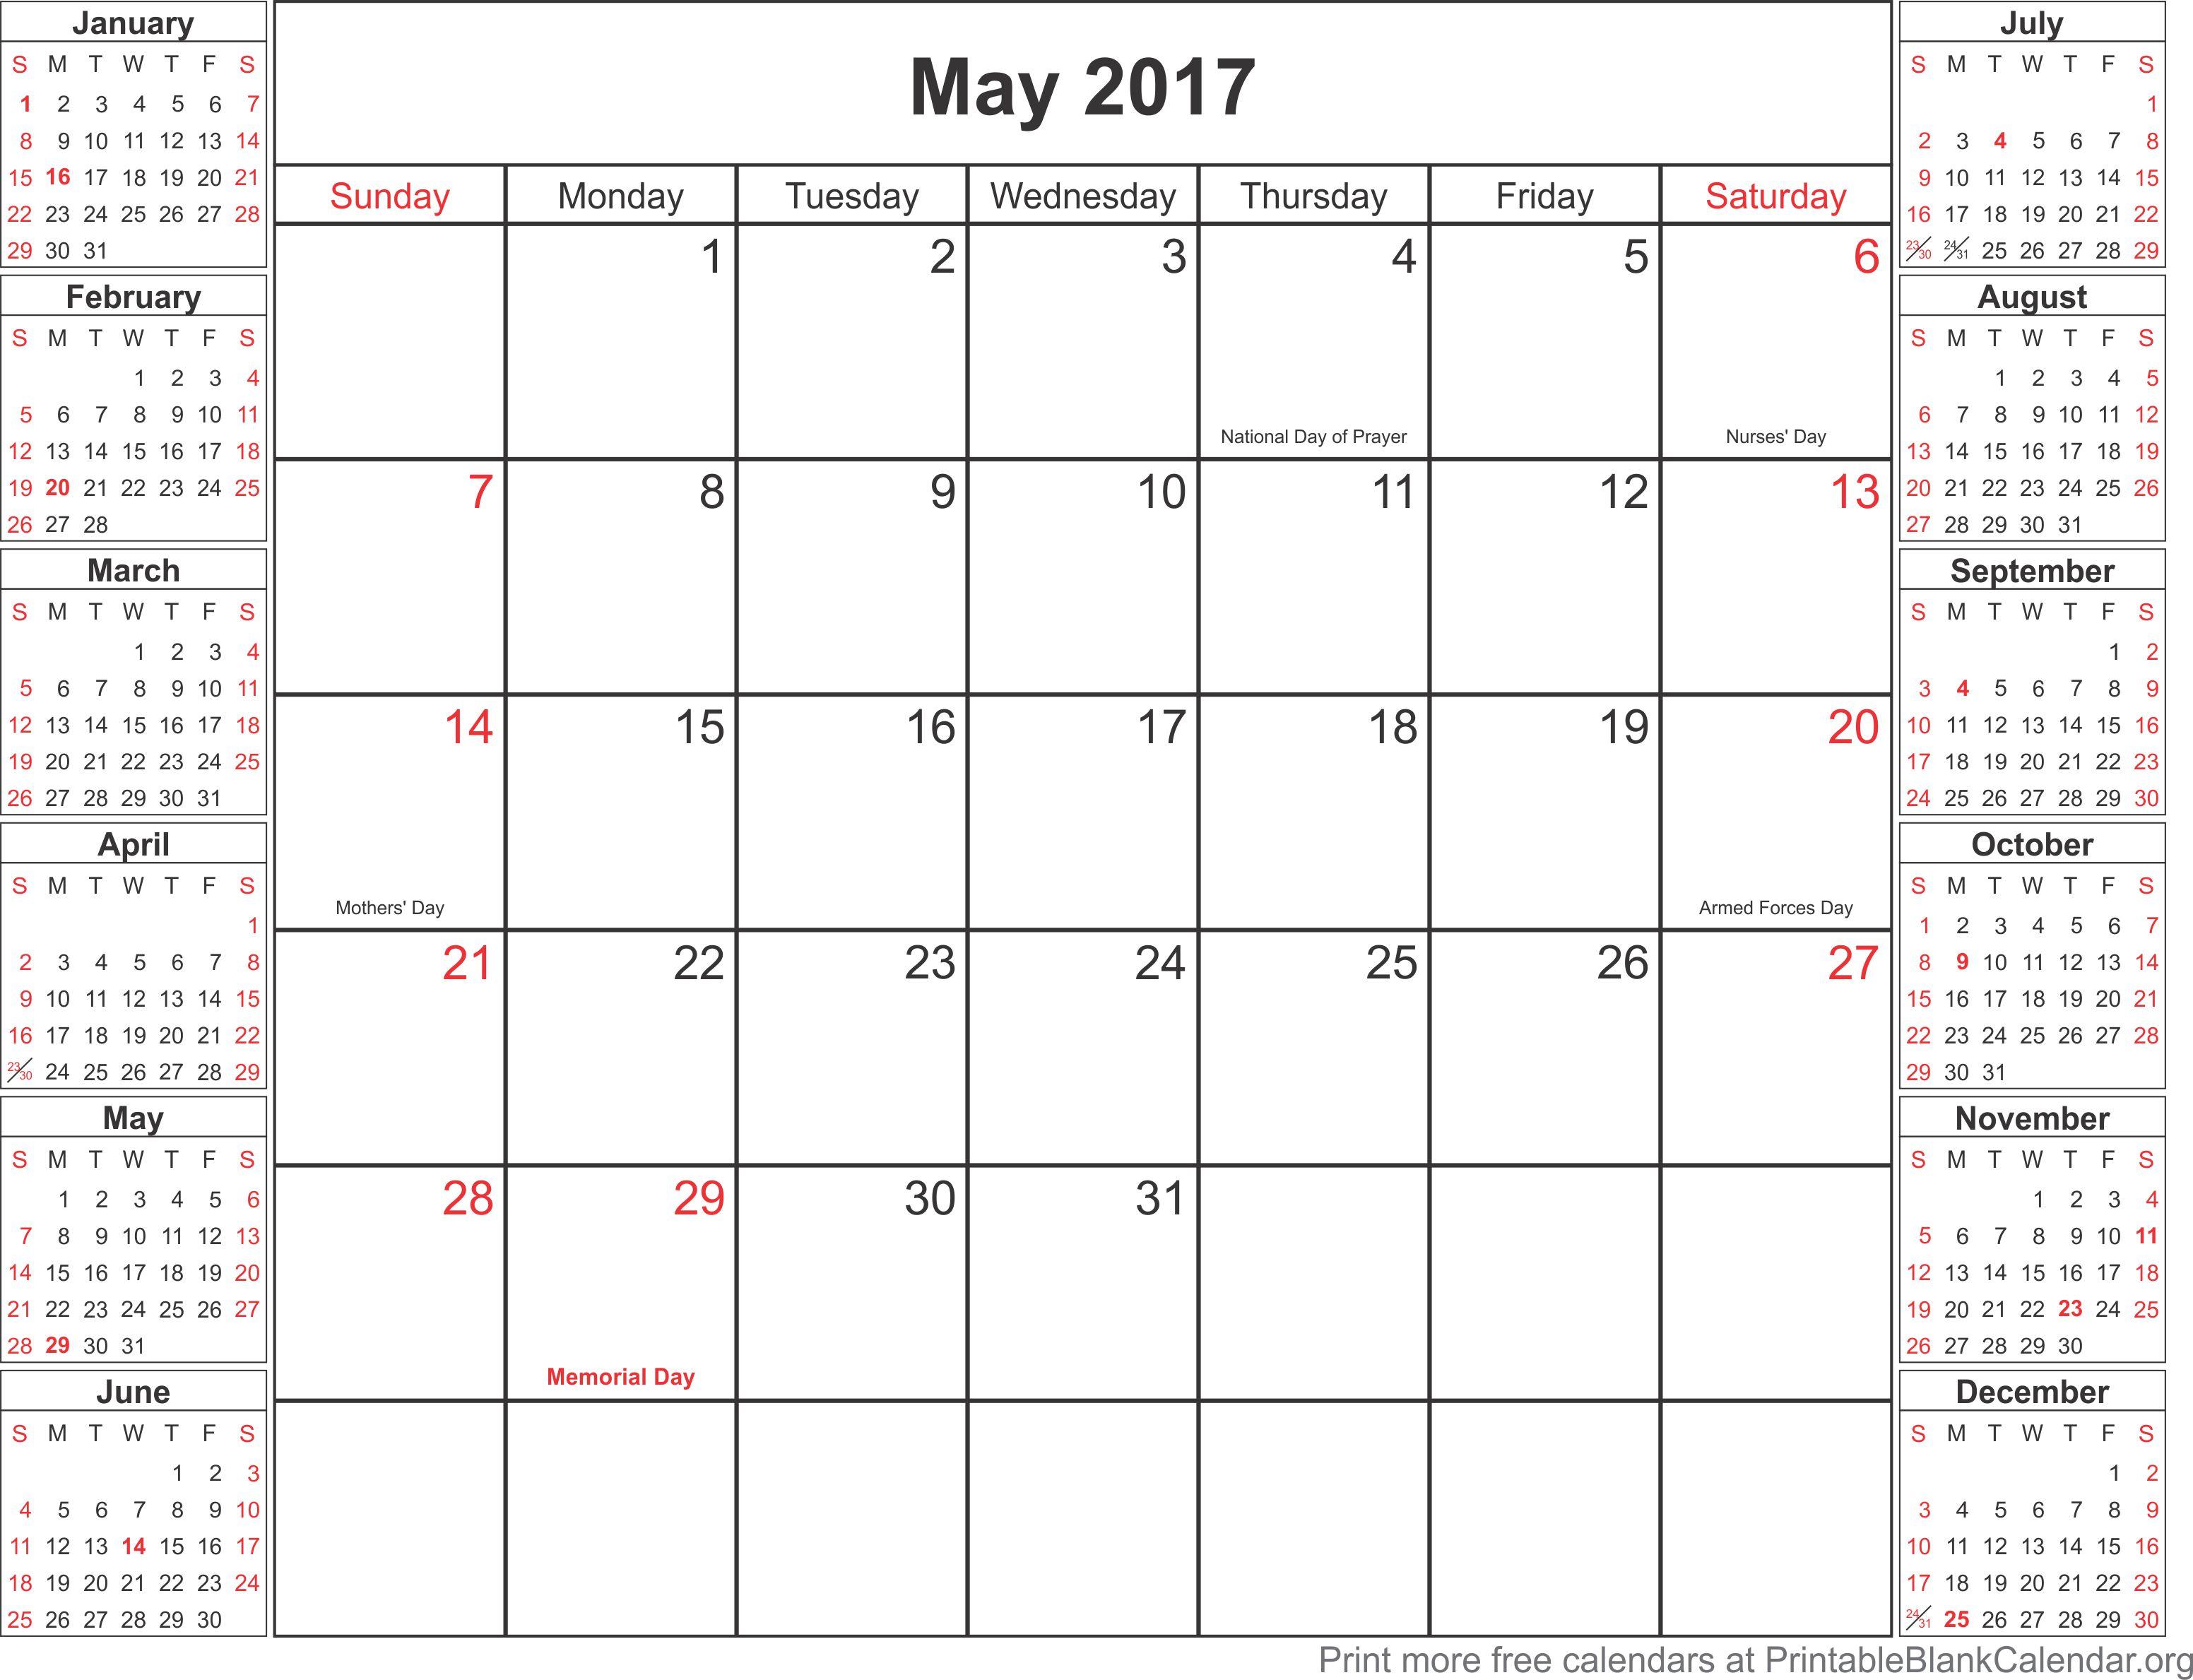 May 2017 free printable calendar Printable Blank Calendarorg – Printable Blank Calendar